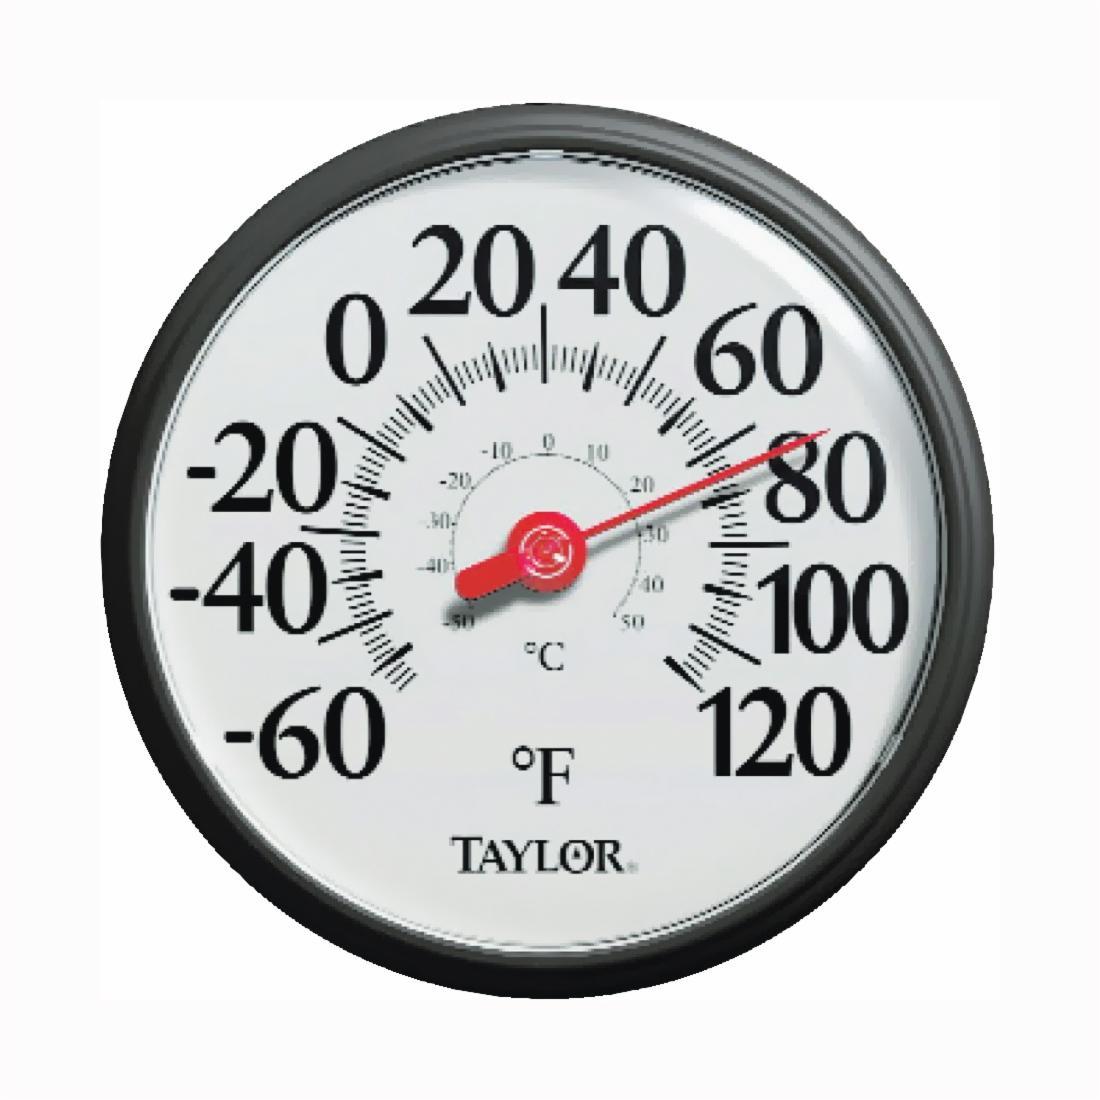 Taylor 6700